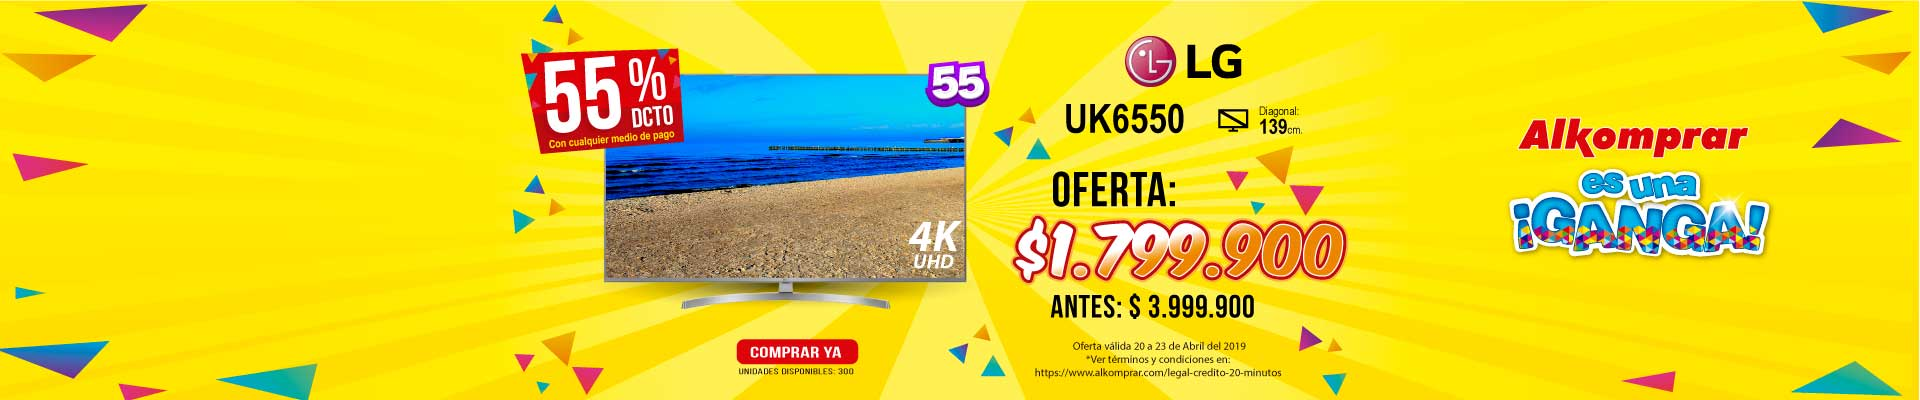 BP ALKP LG UK6550